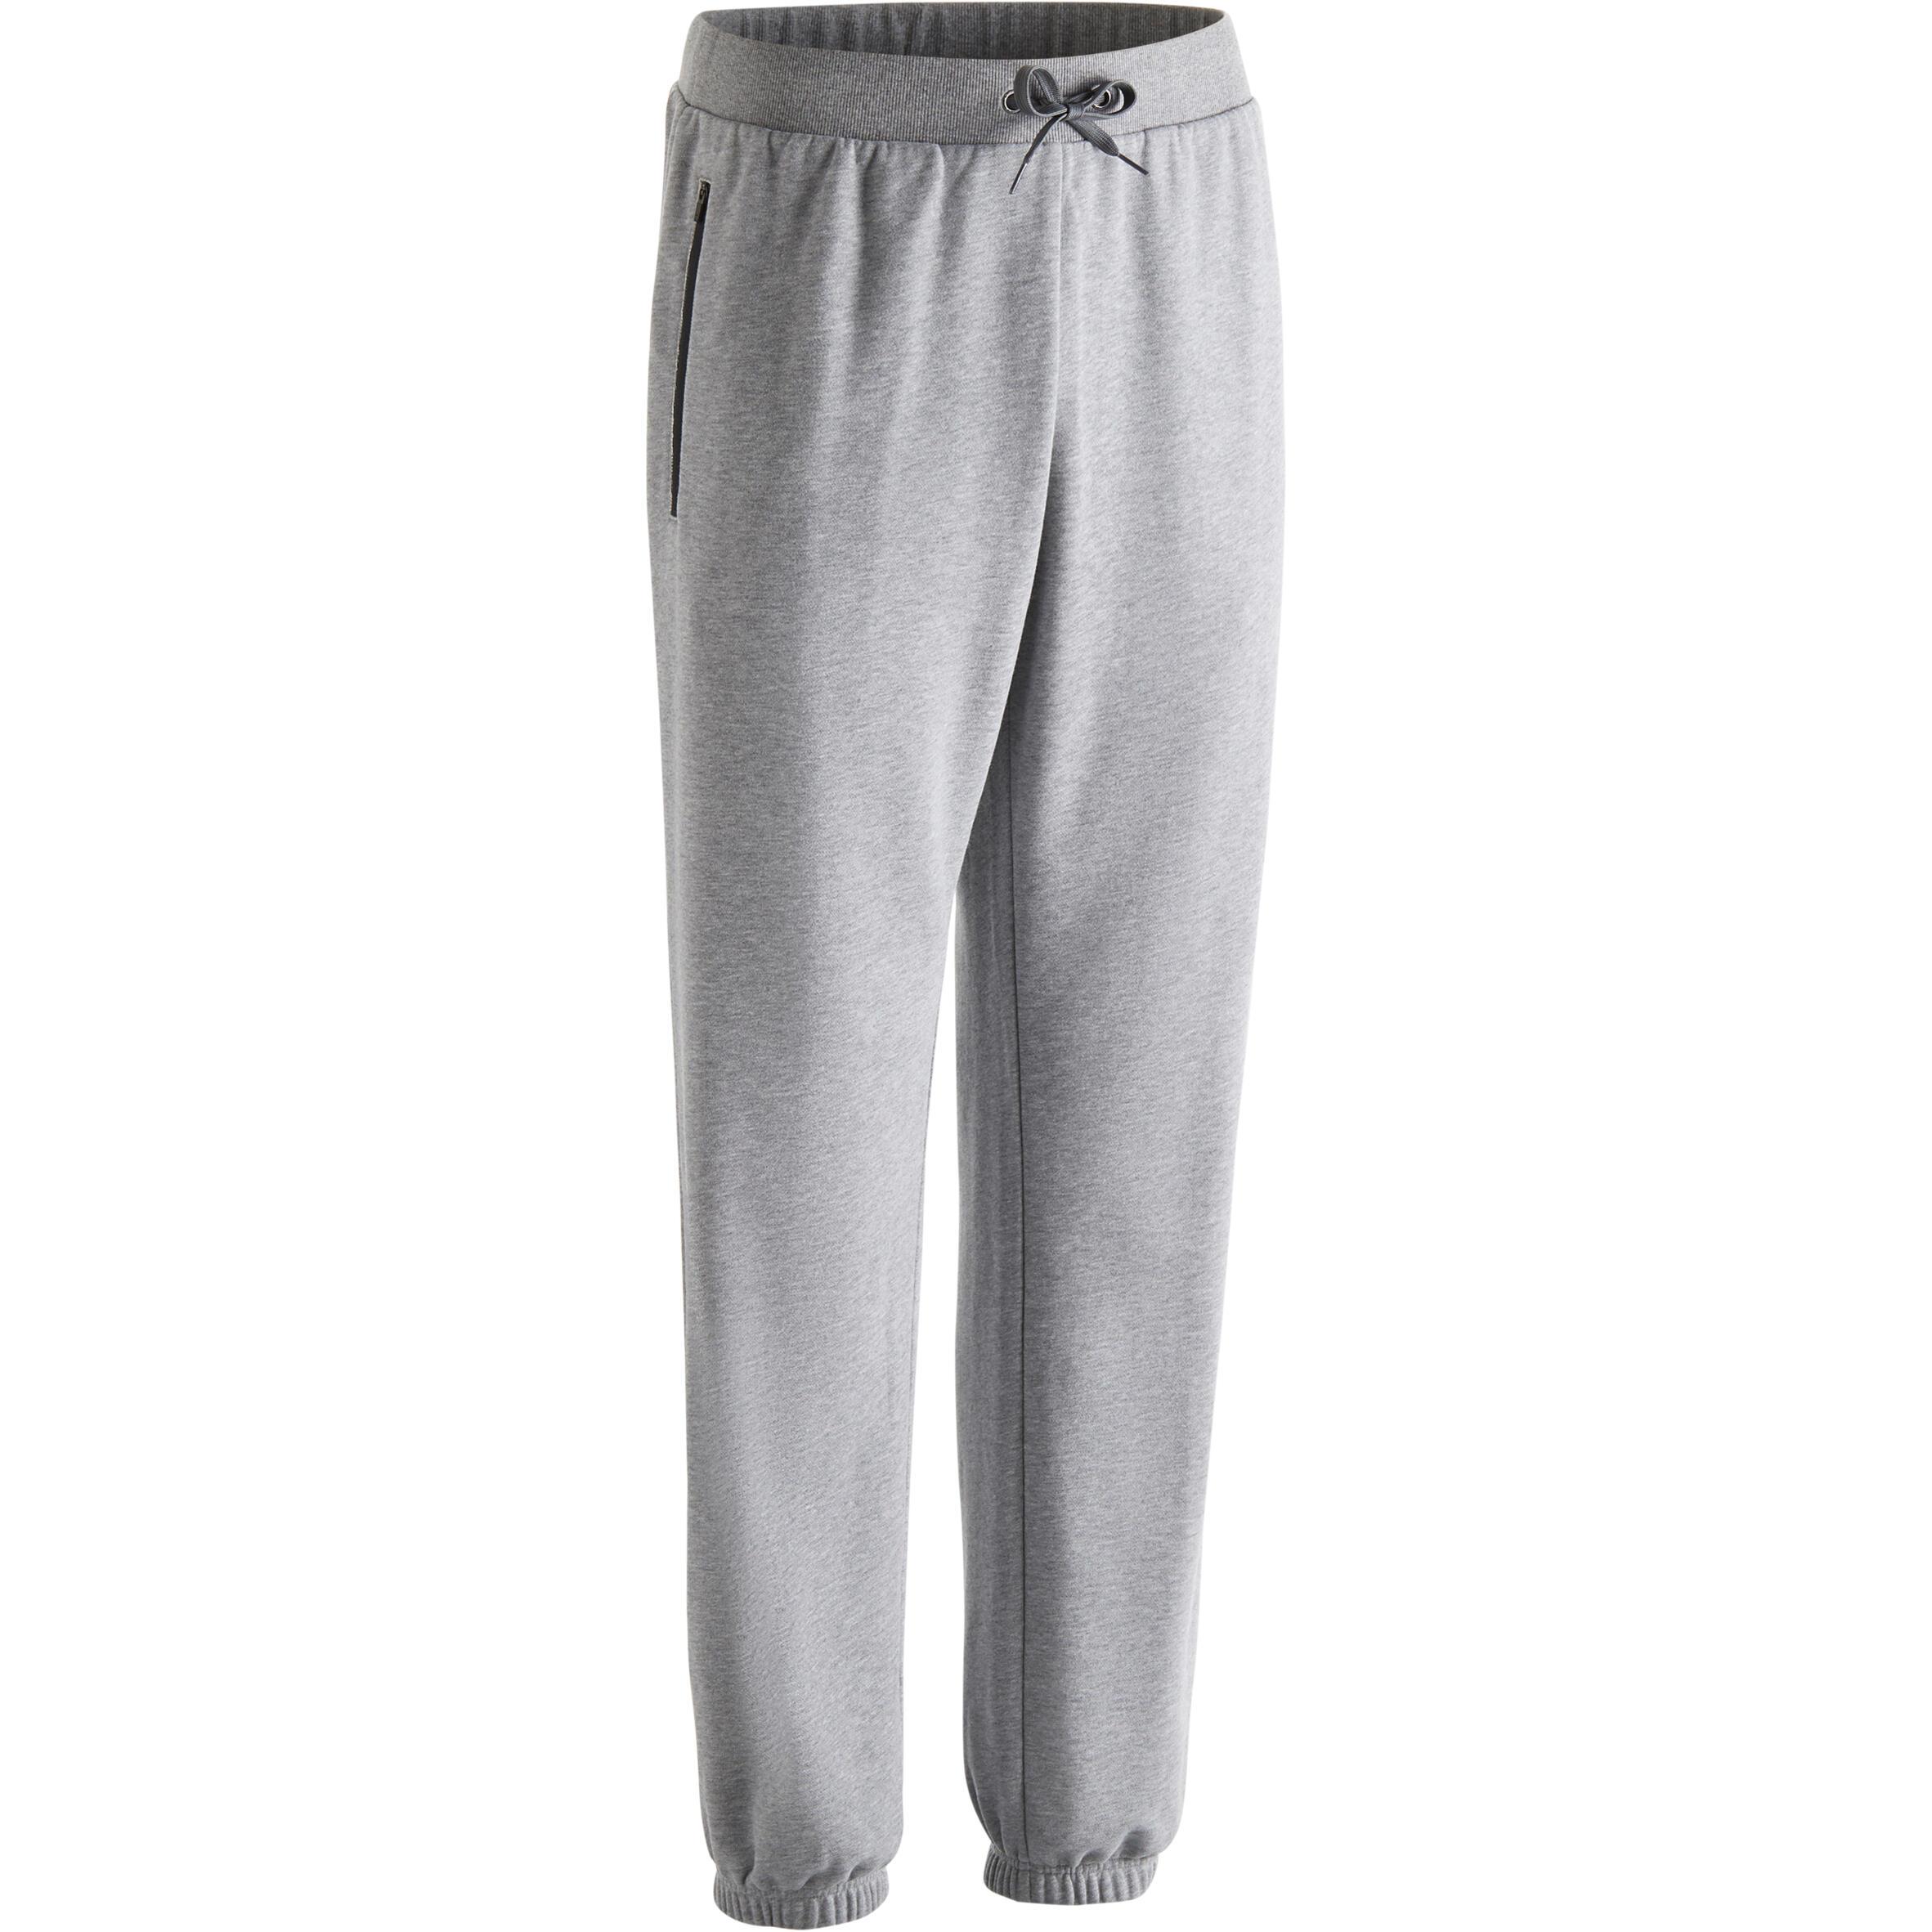 Pantalon 500 régulier zip gymnastique d'étirement homme gris clair chiné